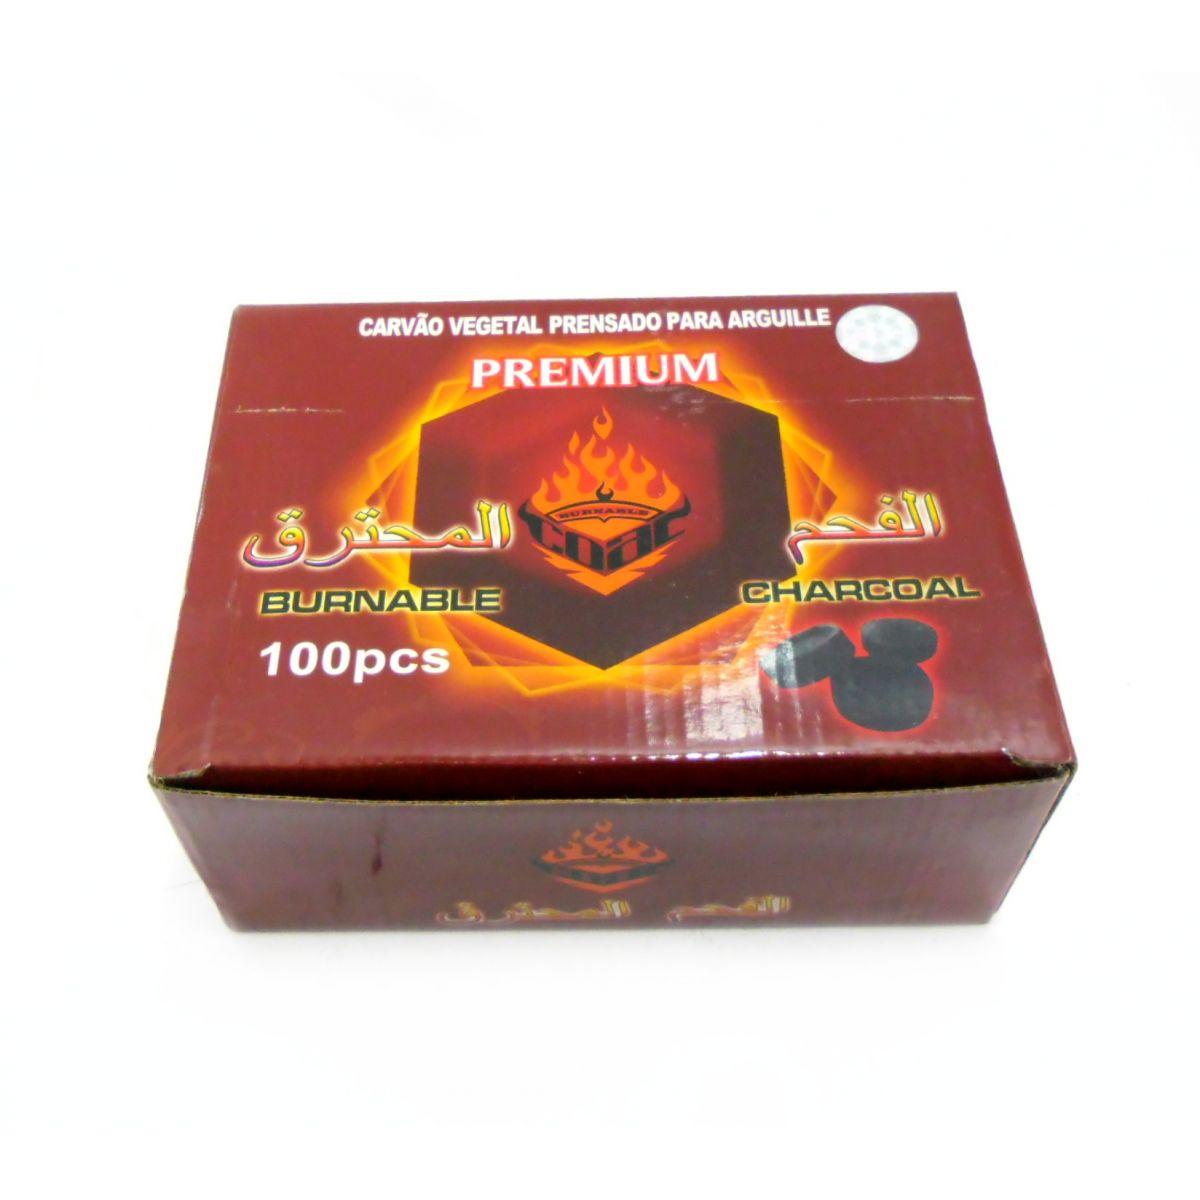 Carvão para Narguile (Arguile) BURNABLE PREMIUM acendimento rápido c/ pólvora - CAIXA 100 unidades